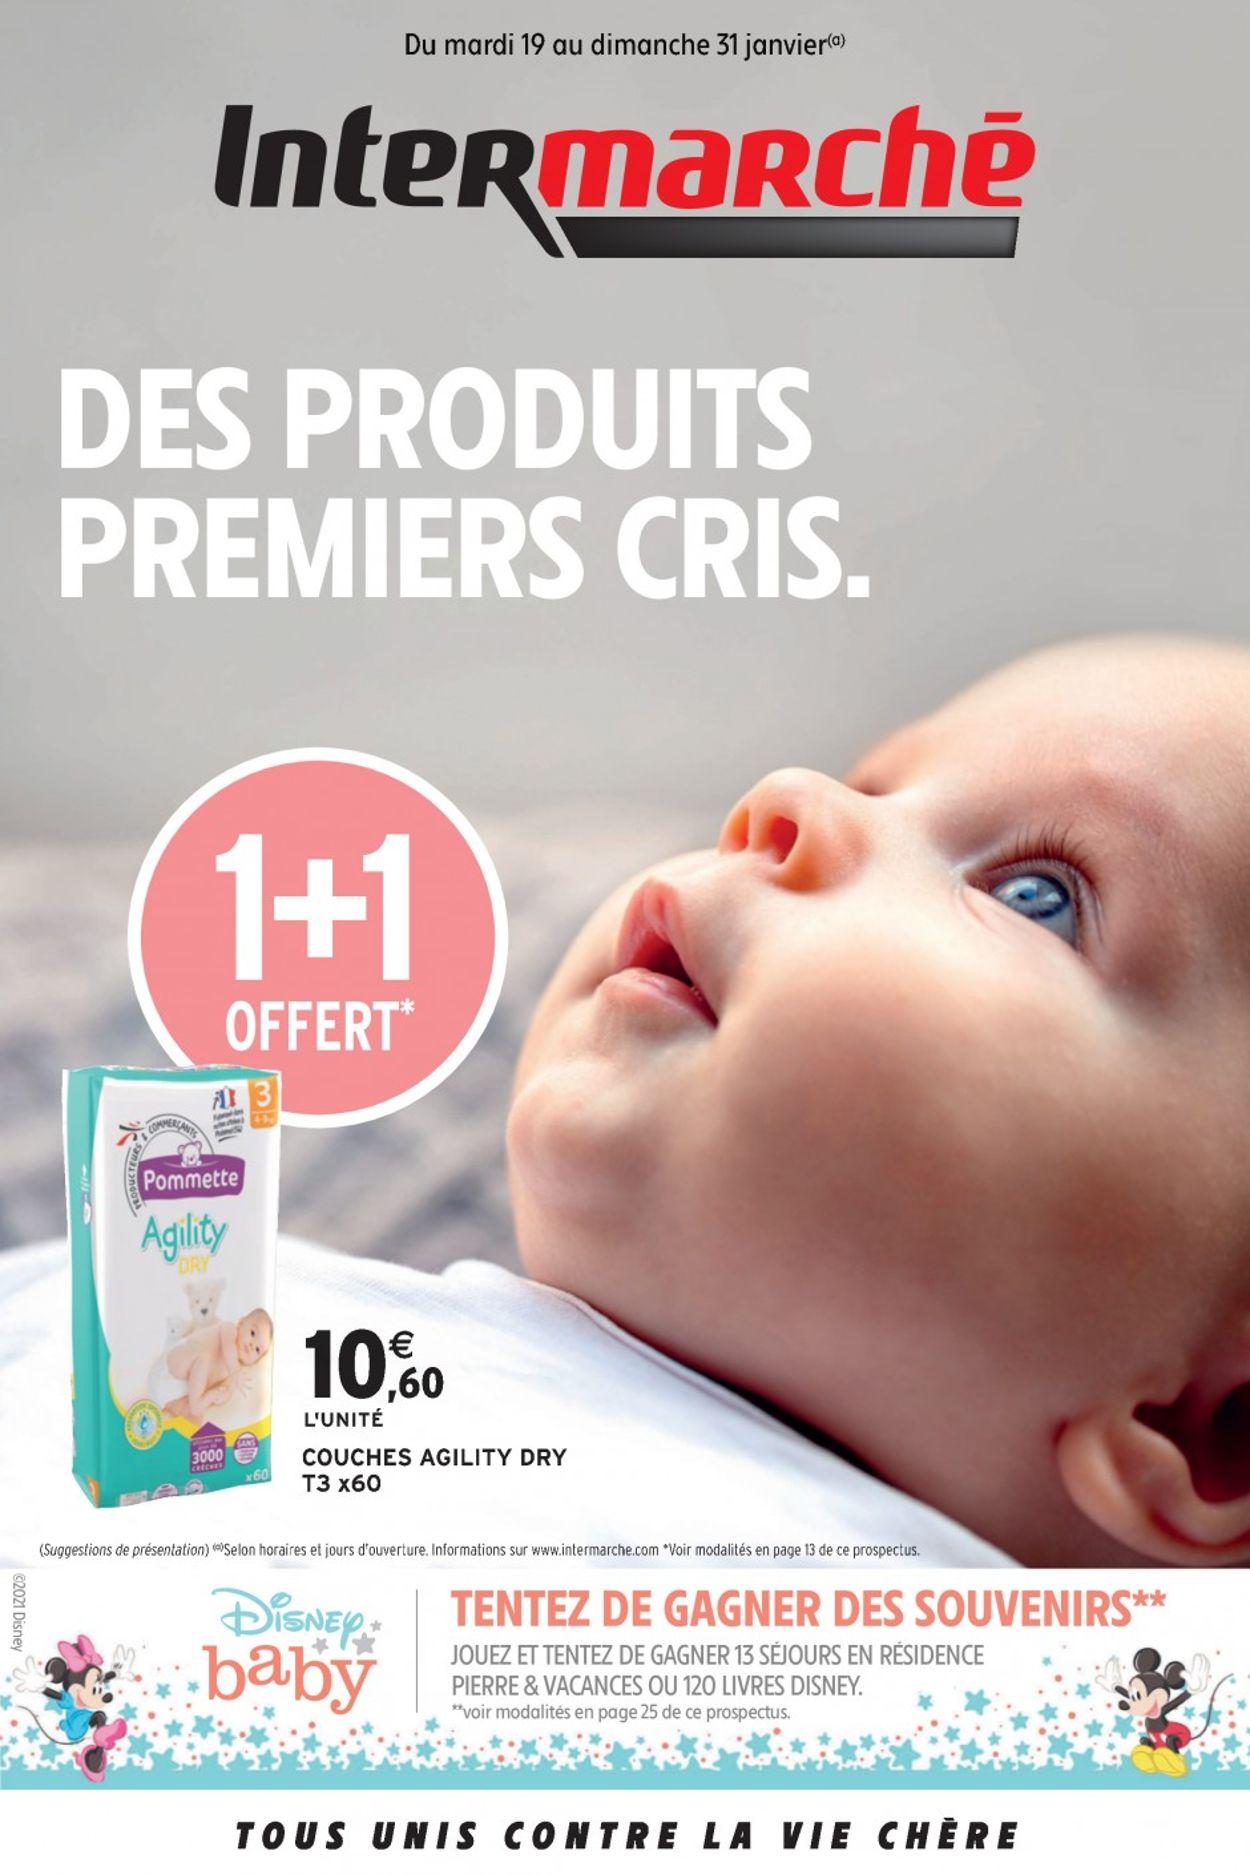 Intermarché Des Produits Premiers Cris 2021 Catalogue - 19.01-31.01.2021